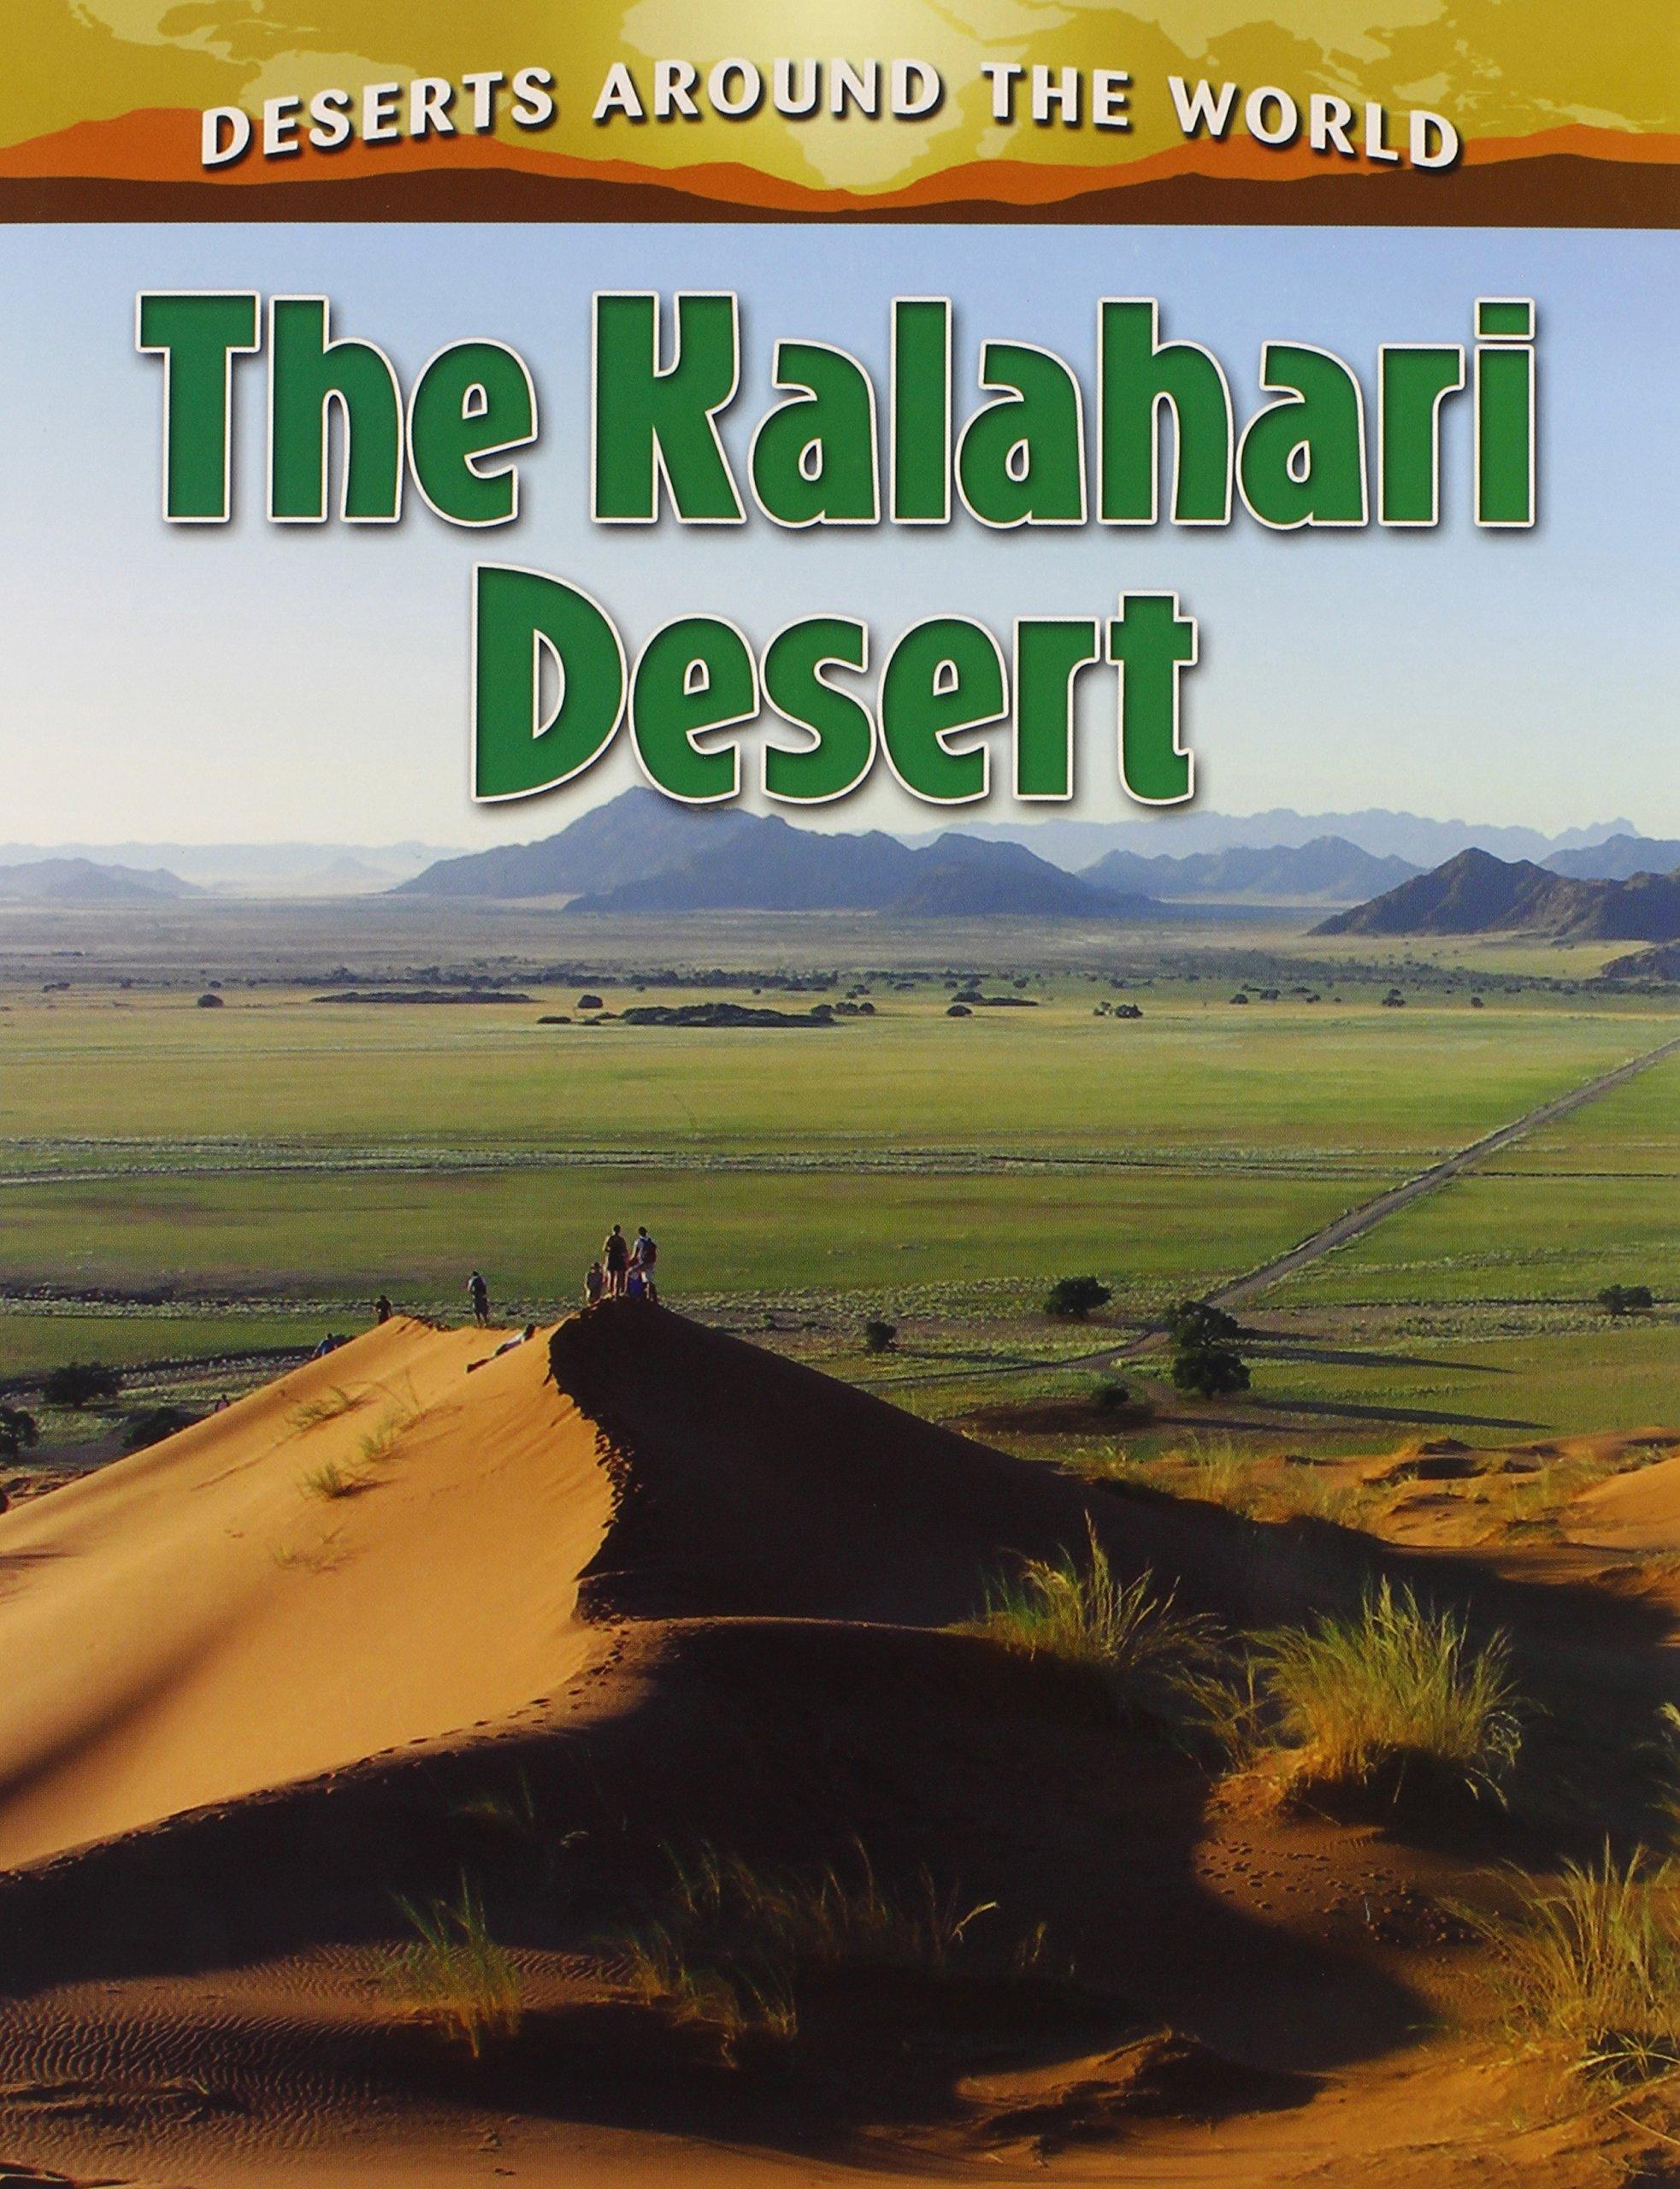 kalahari desert fun facts